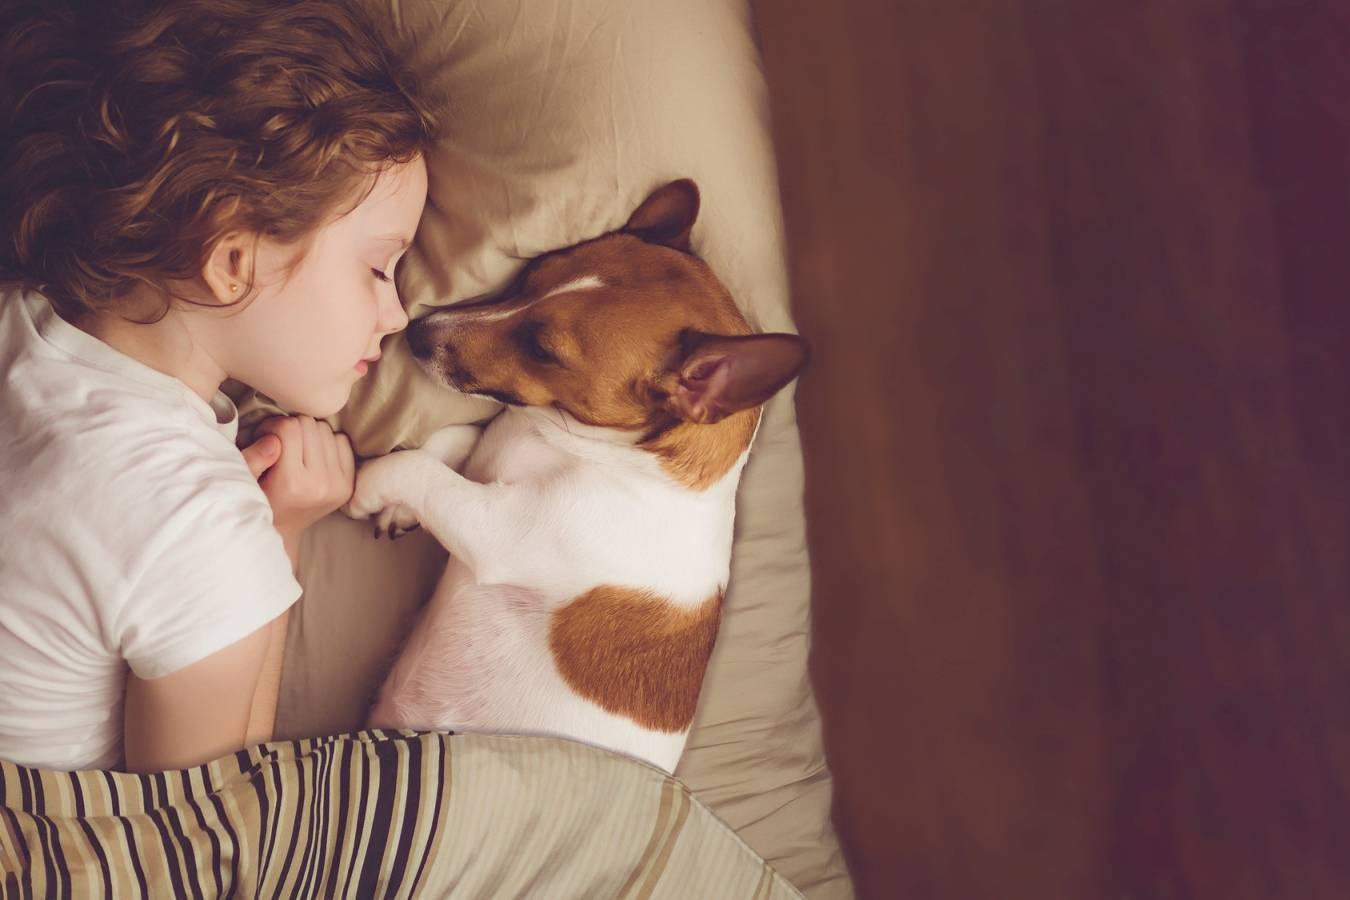 Alergia na zwierzęta - jak z nią walczyć? Dziewczynka śpi ze swoim pieskiem w łóżku.